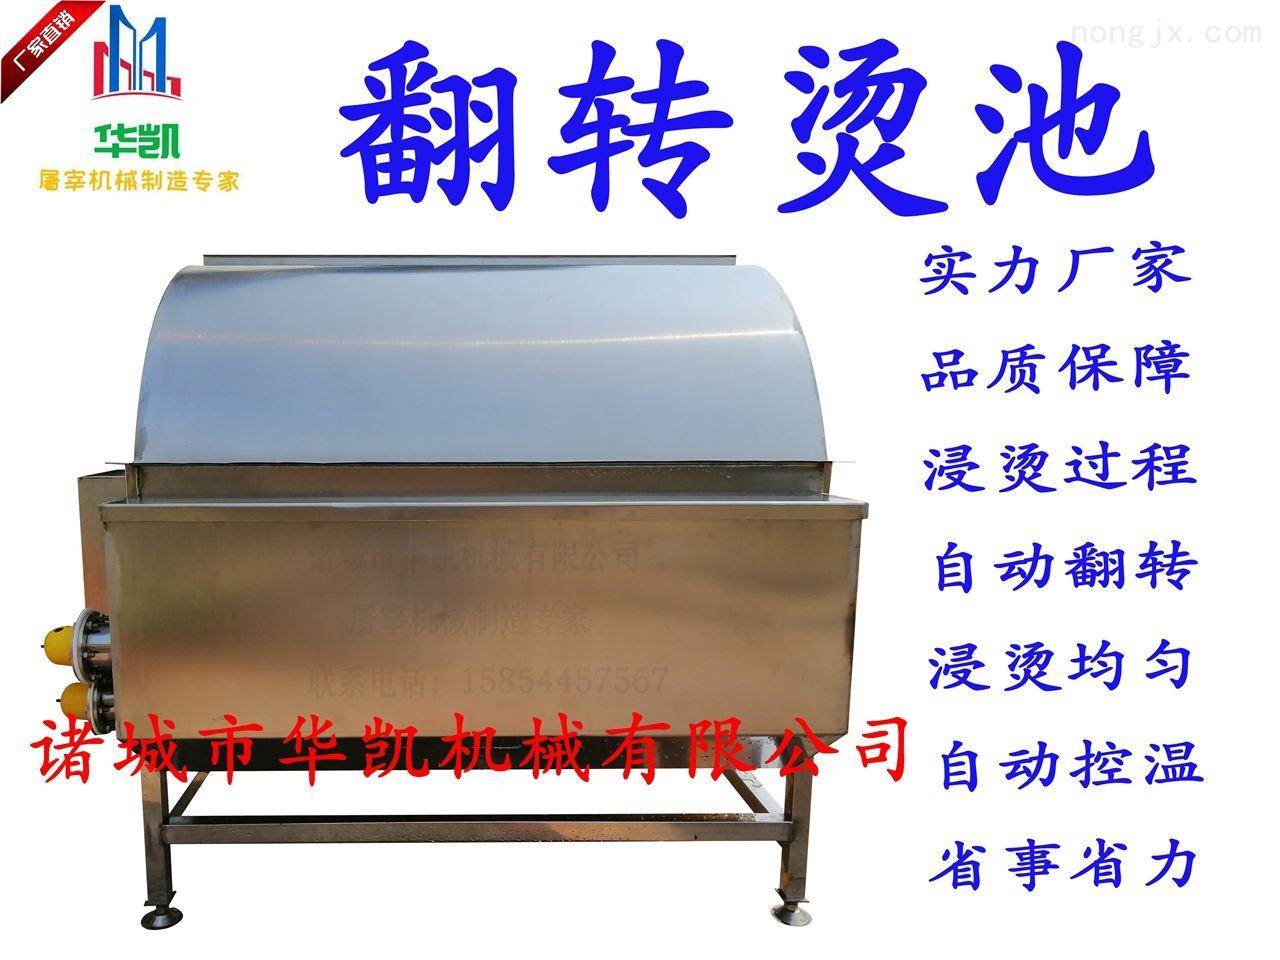 HK-FZ1150-华凯 家禽自动翻转烫池 鸡鸭鹅烫毛机